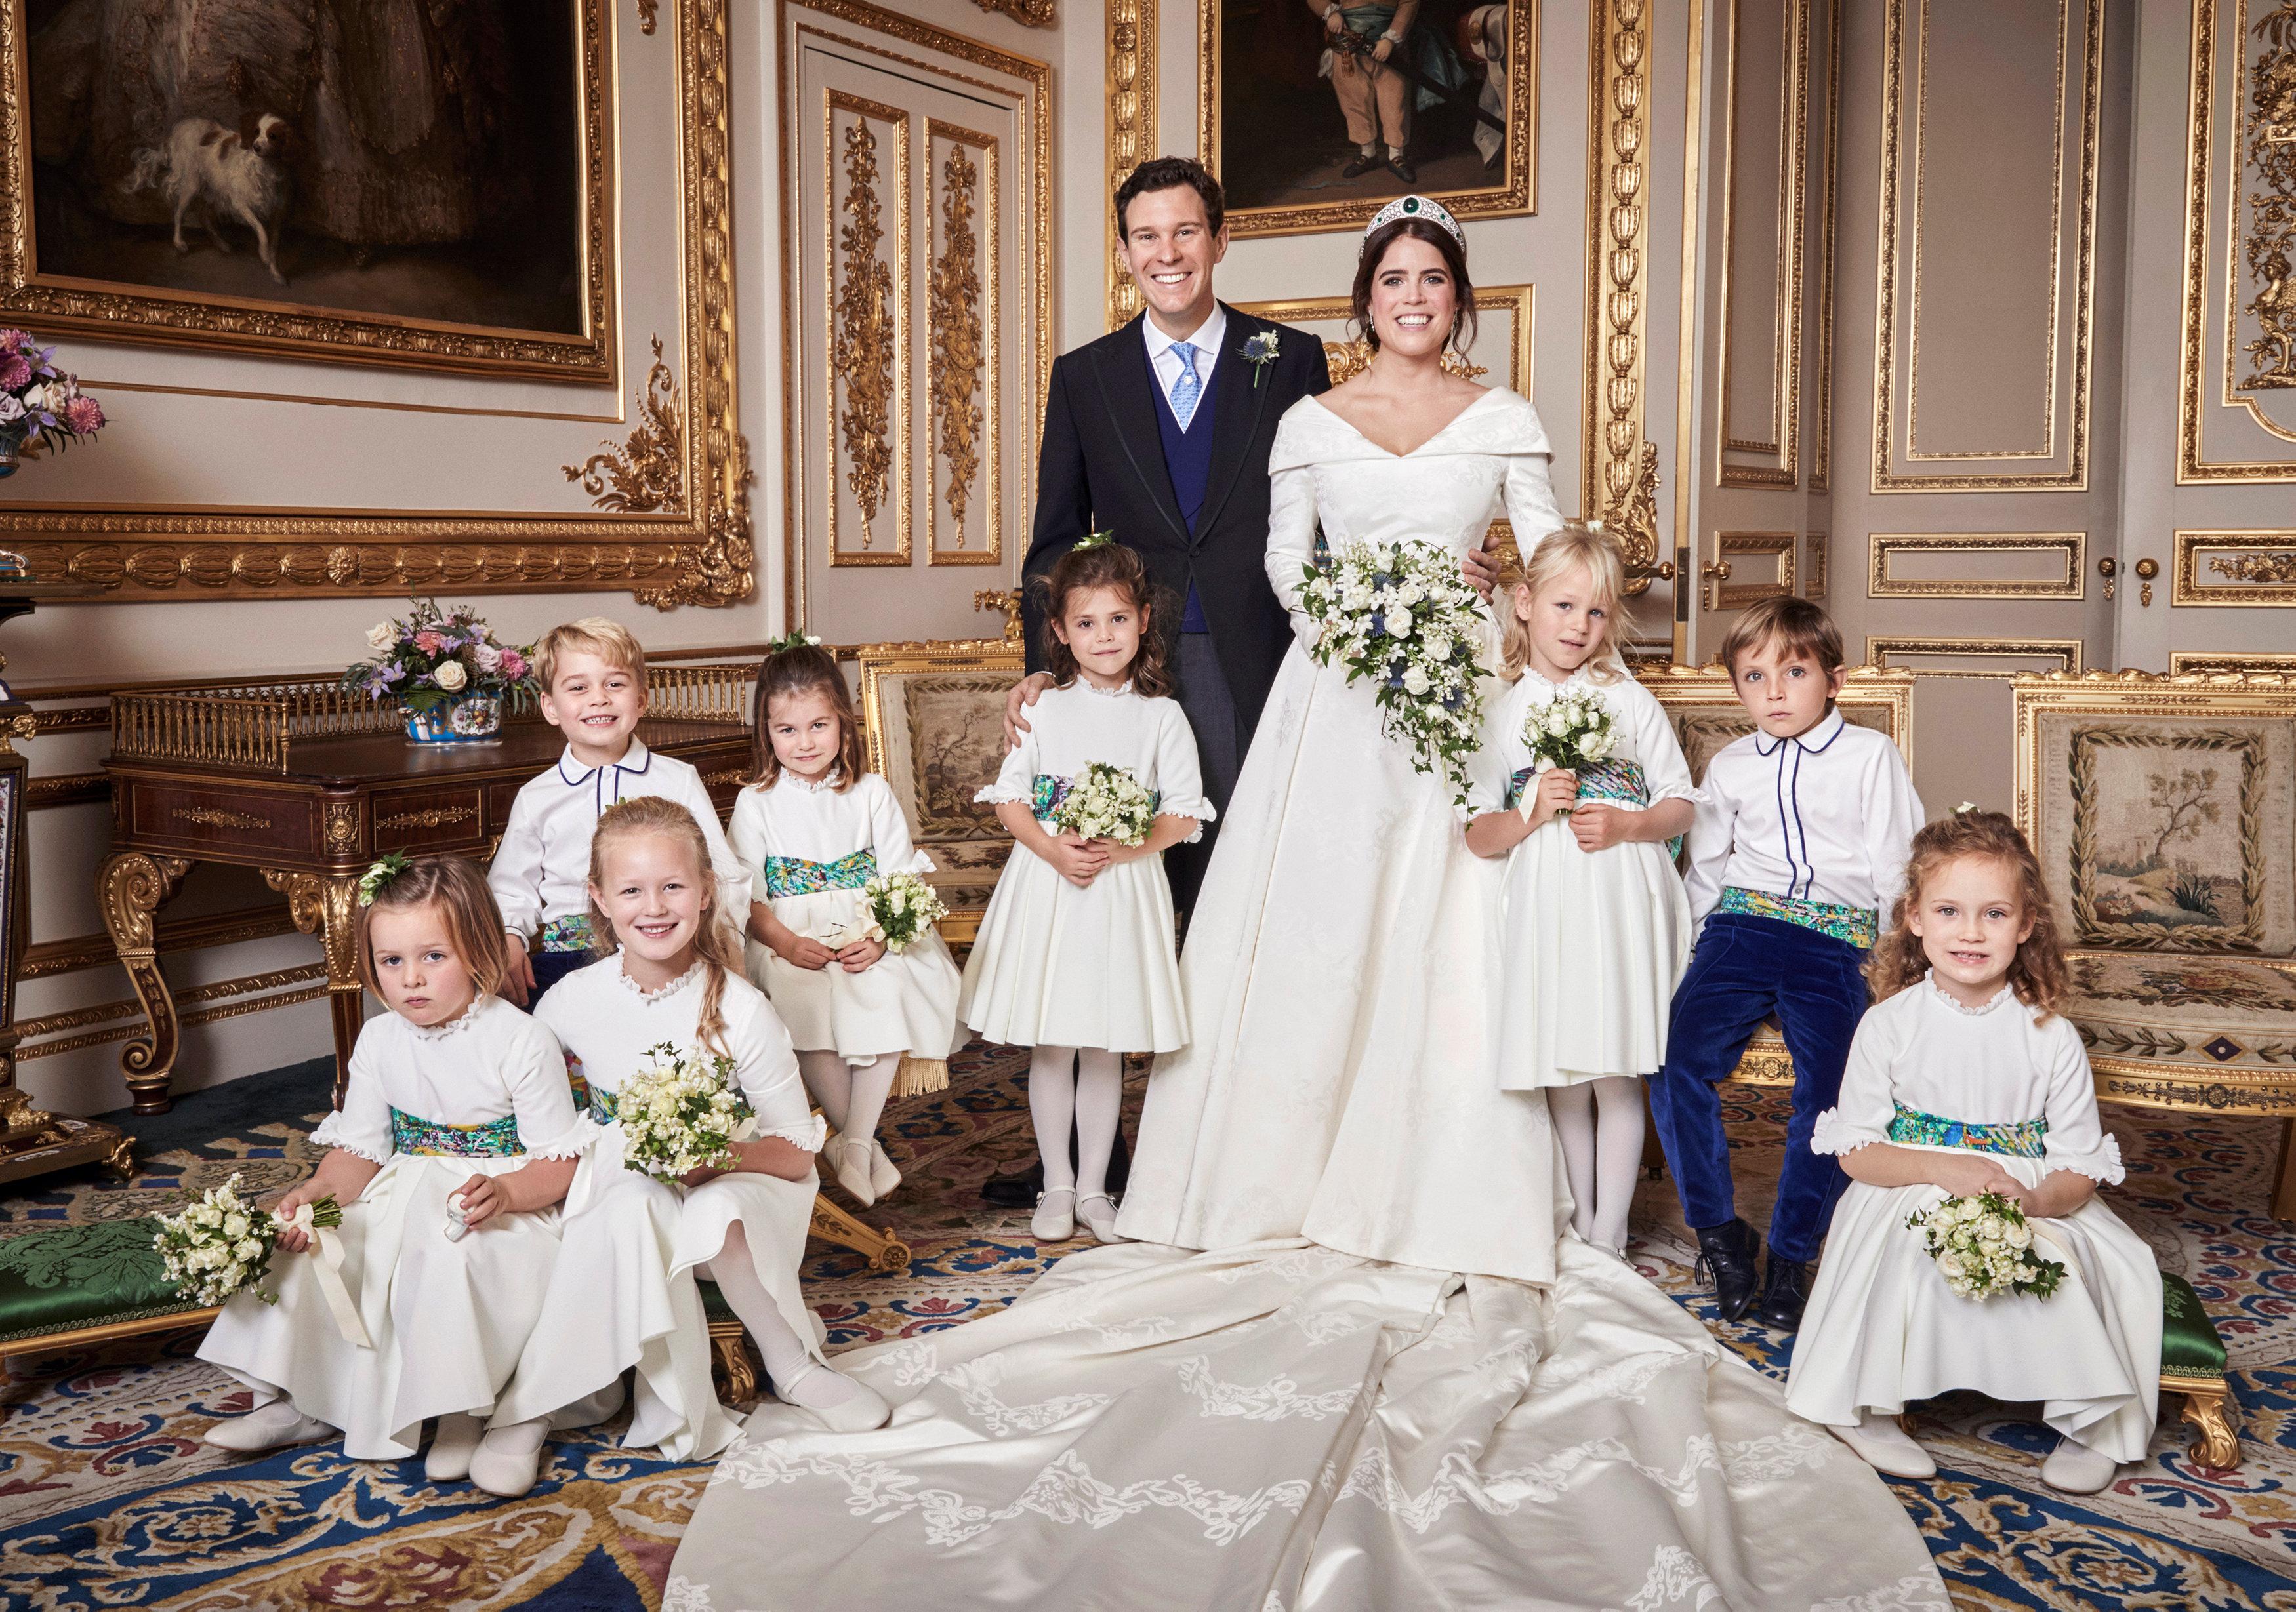 2094576-أطفال-الأسرة-الحاكمة-يلتقطون-صورة-تذكارية-مع-العروسين